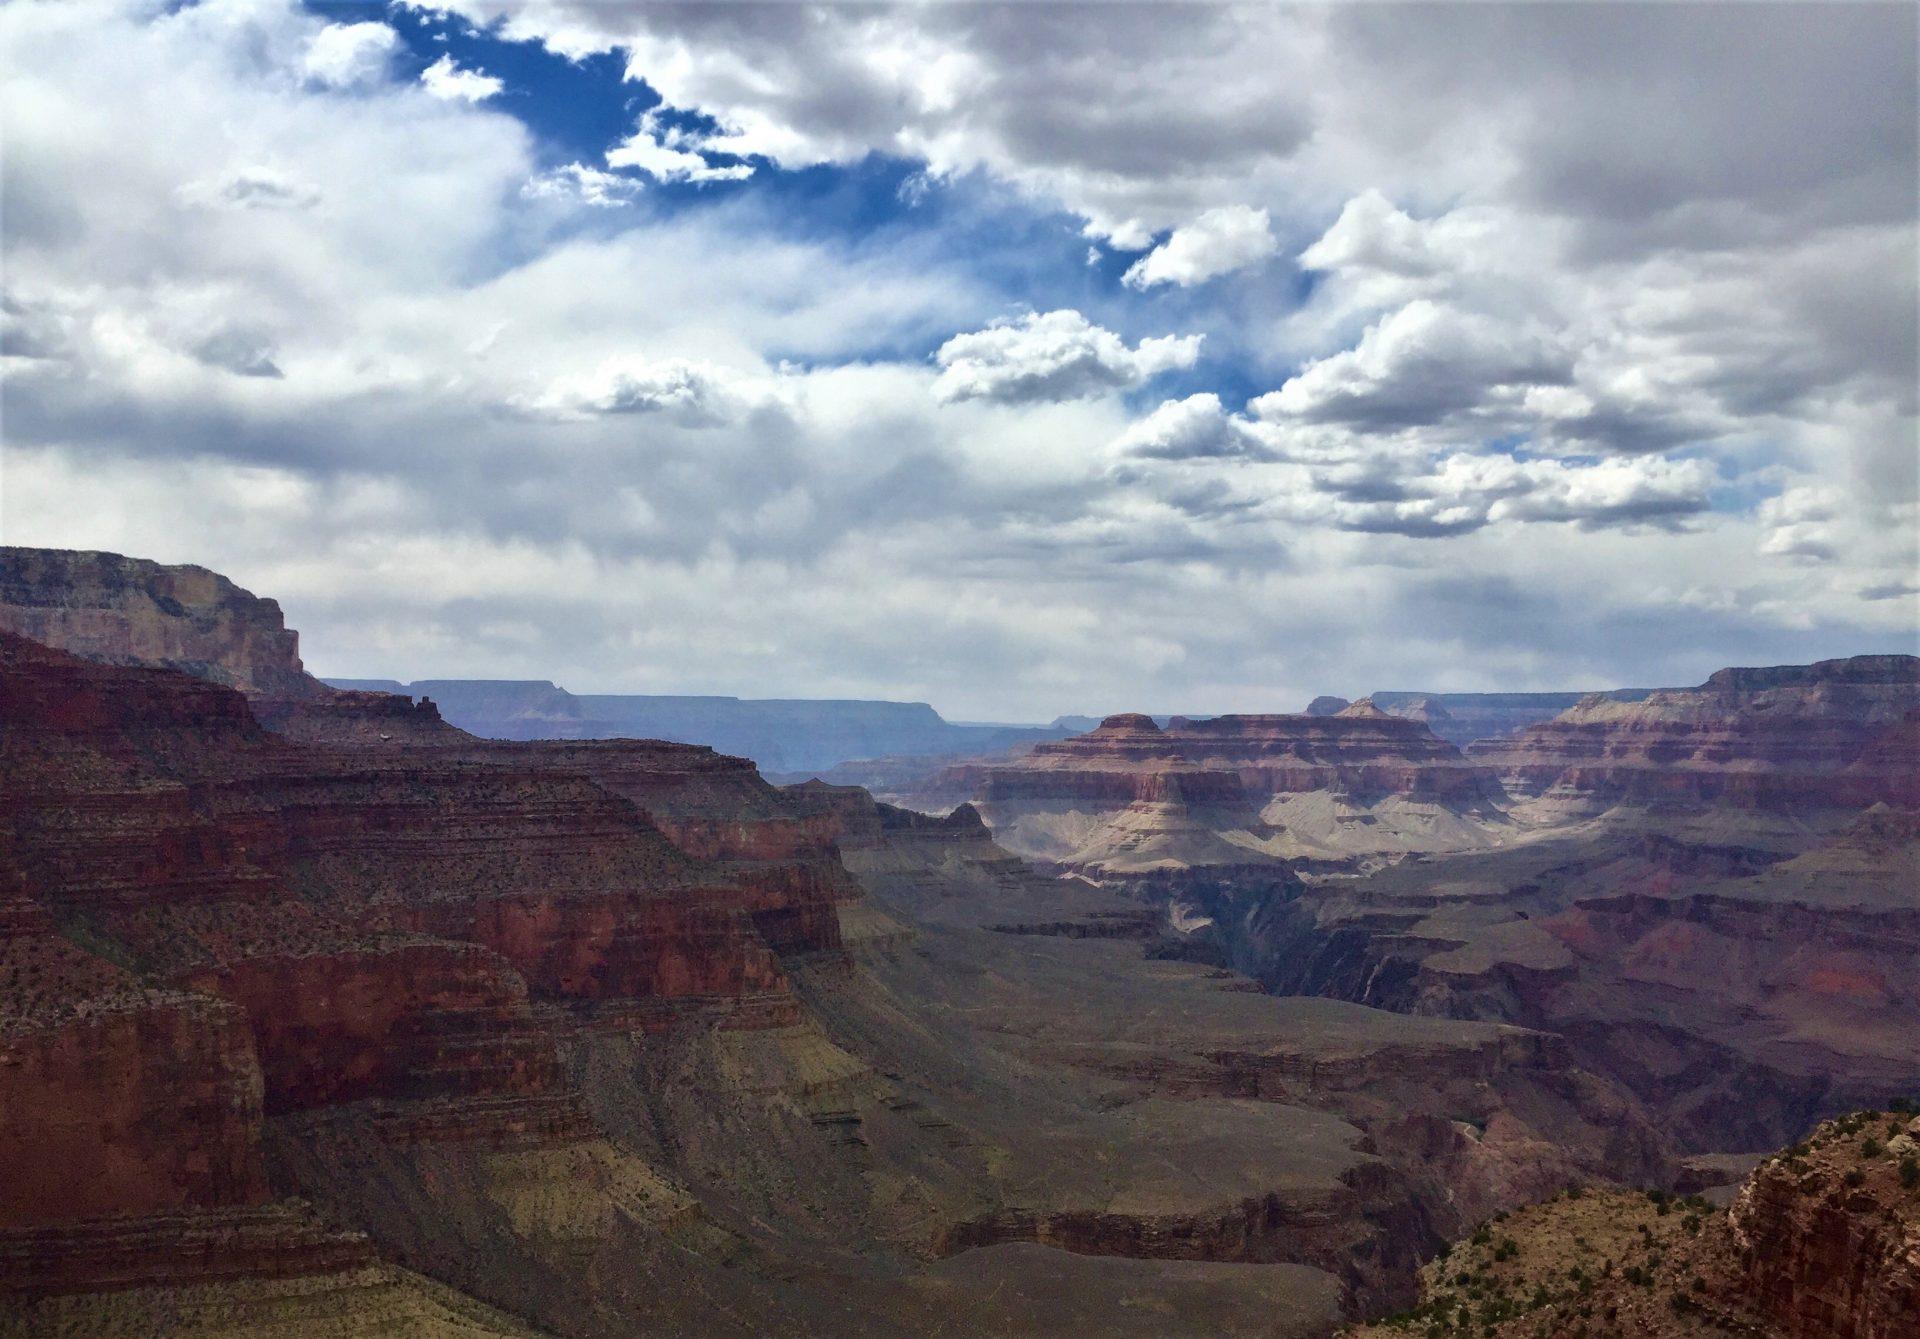 Arizona Grand Canyon Part 2 – May 21 to 24